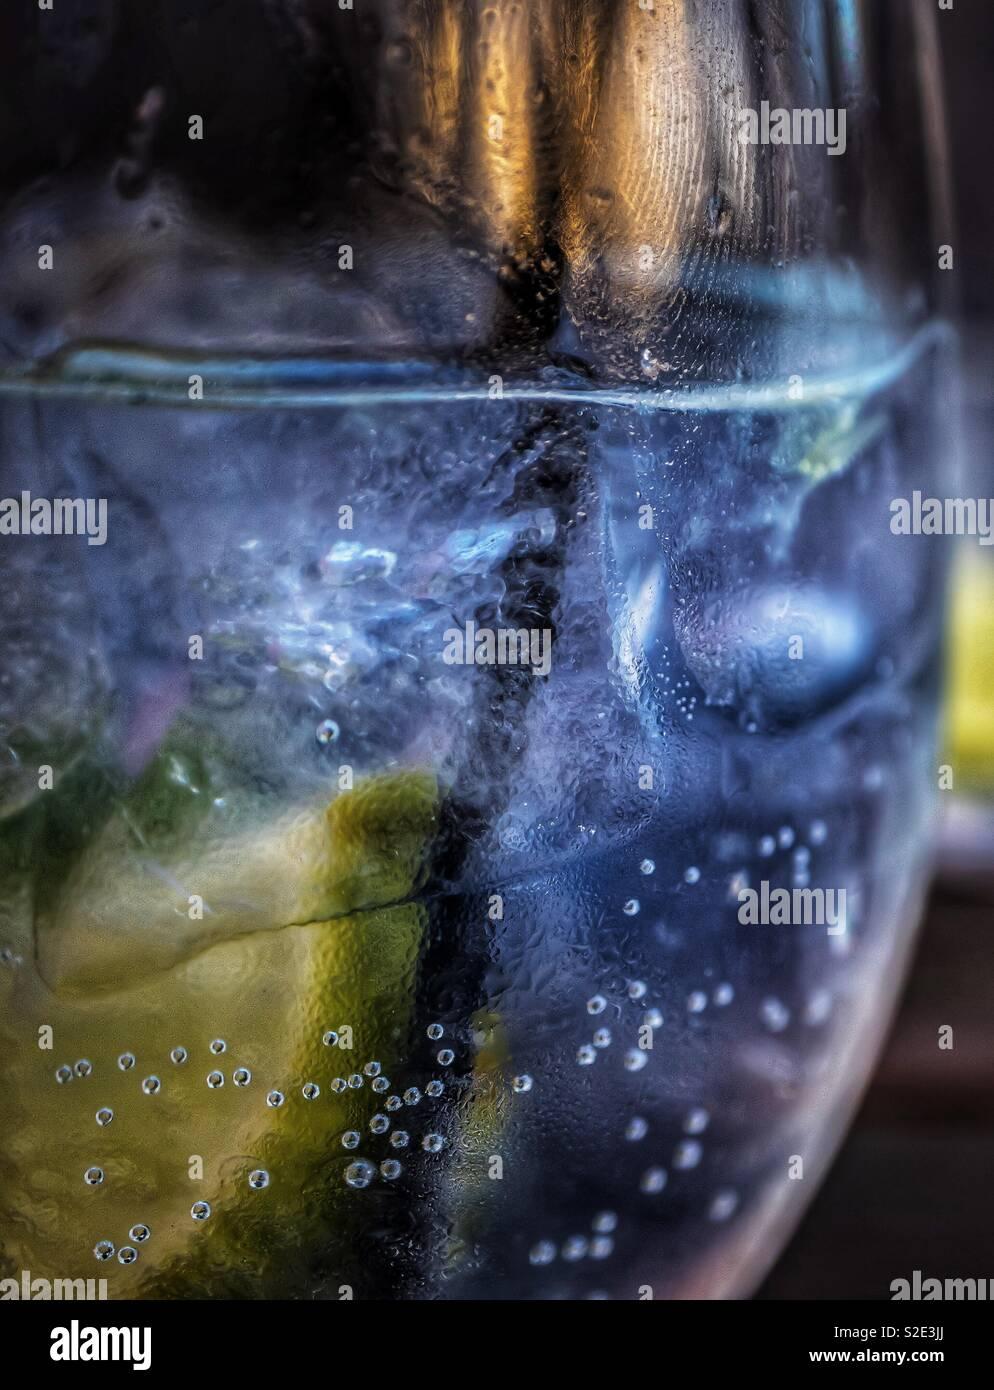 Gin Tonic. Lime. Paglia e impronte digitali. Immagini Stock